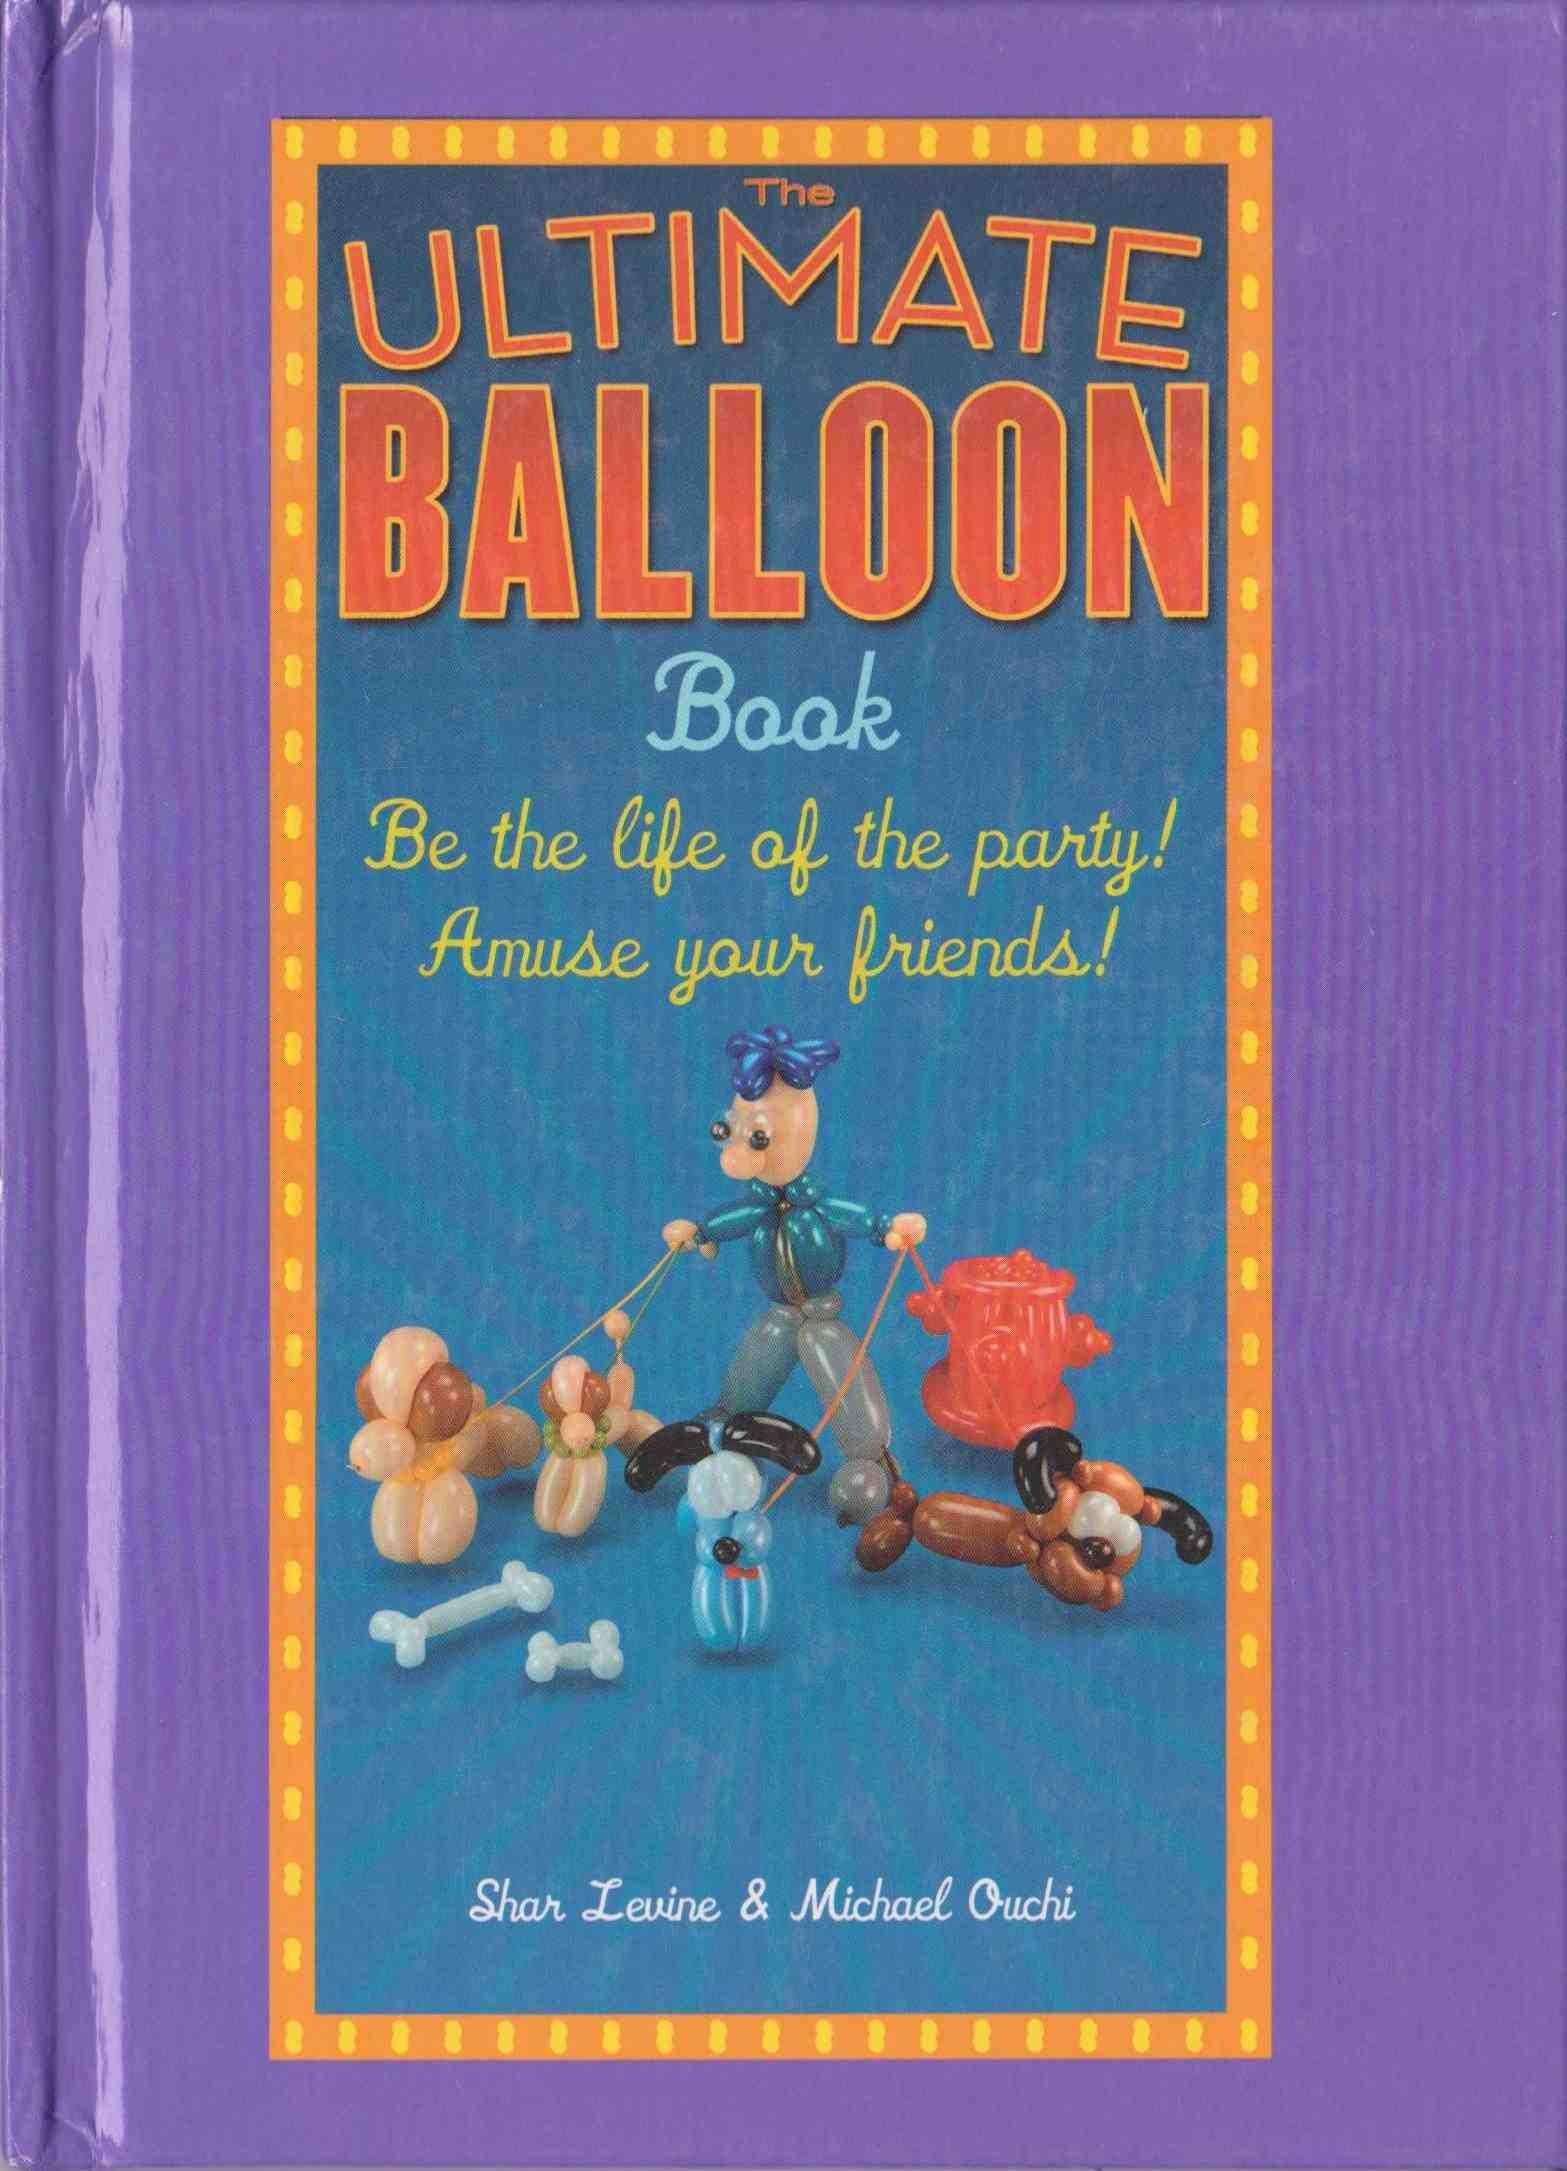 The Ultimate Balloon Book ebook